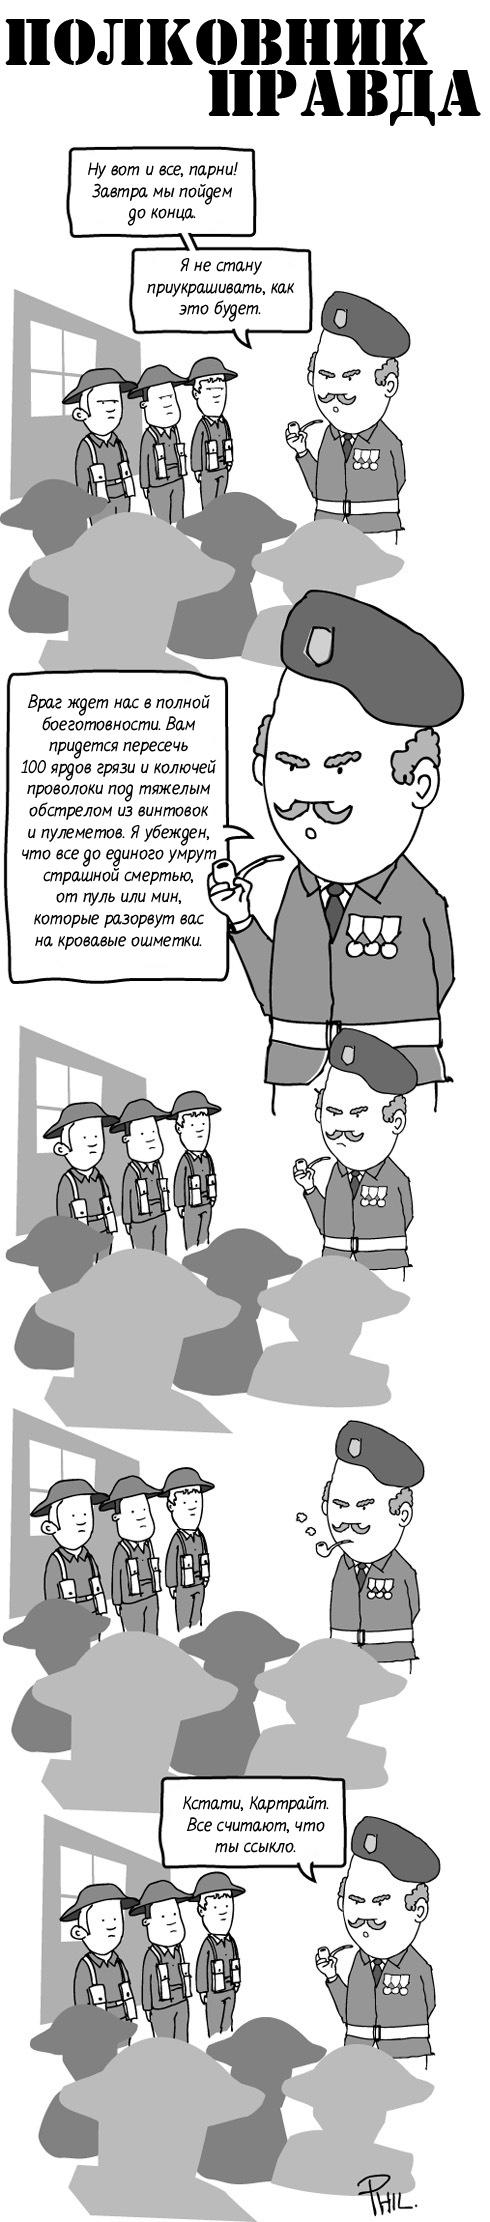 Фото №3 - 10 комиксов и карикатур the rut